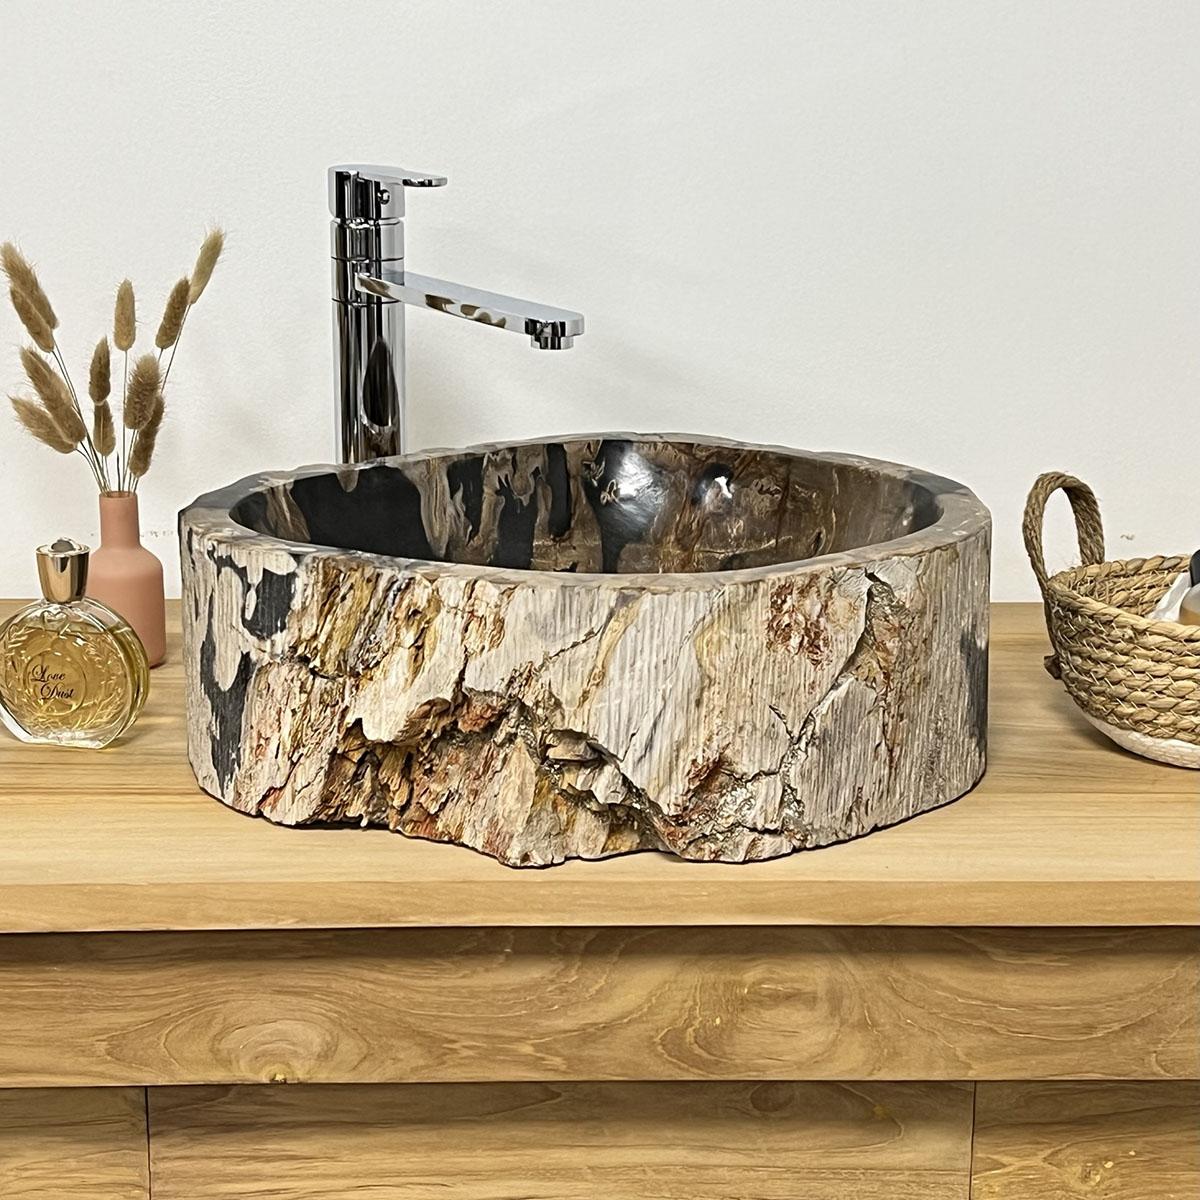 Double vasques de salle de bain en bois p trifi fossilis for Vasque salle de bain en bois